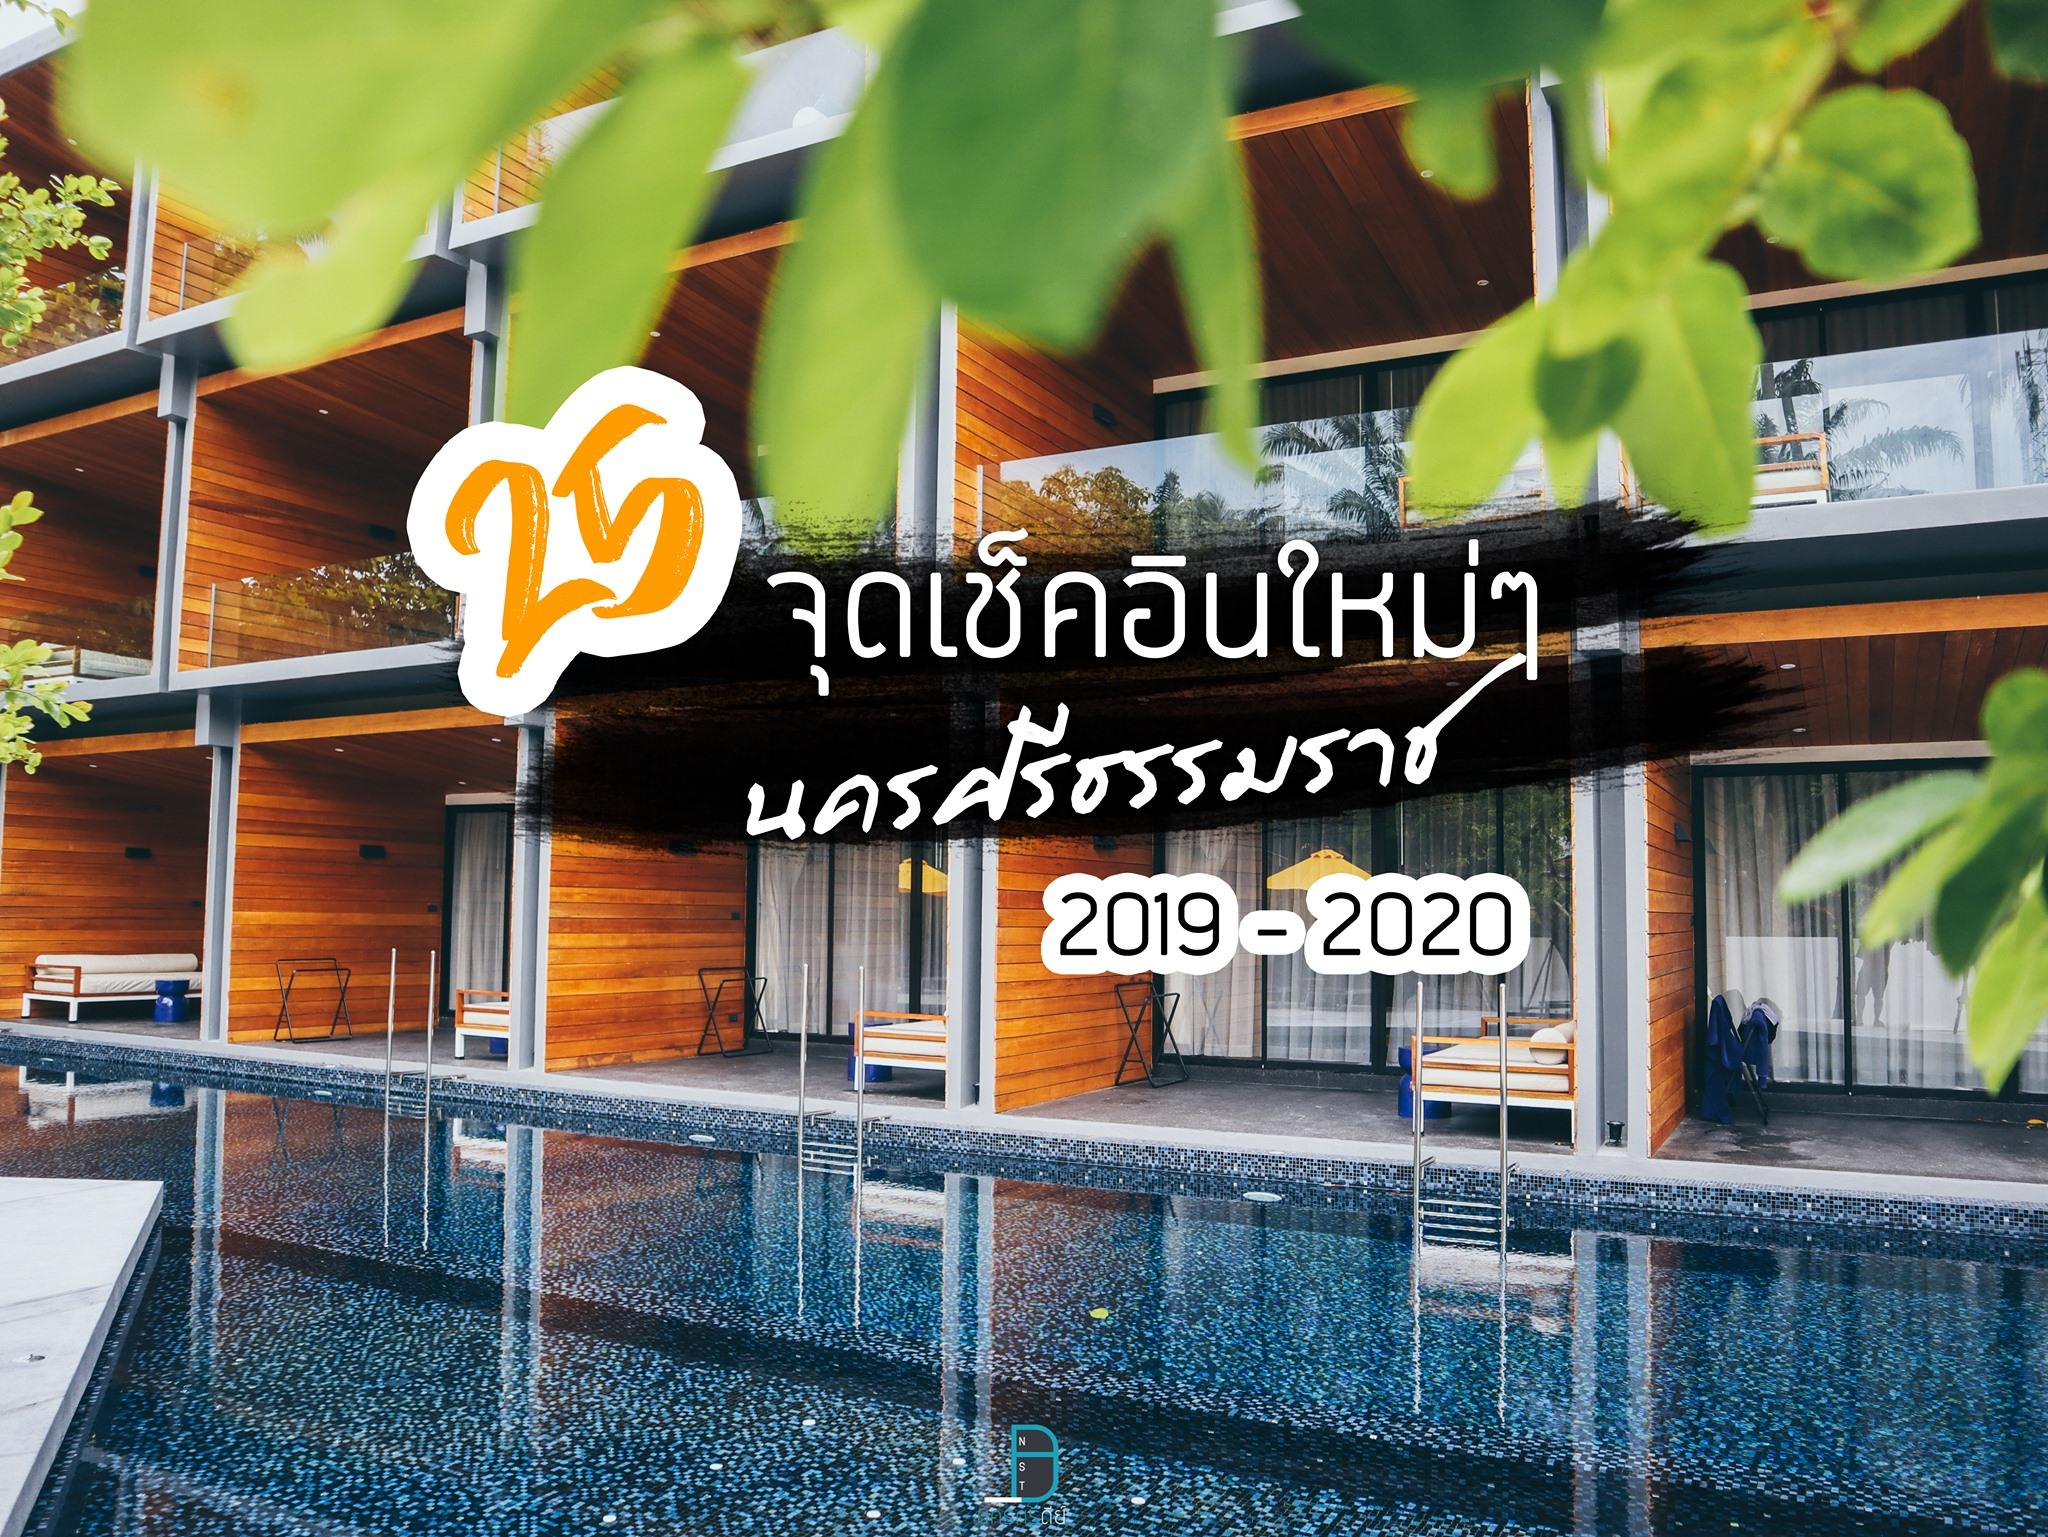 25 สถานที่ท่องเที่ยวใหม่ๆ นครศรีธรรมราช 2019-2020 ร้านอาหาร จุดเช็คอิน ที่พัก